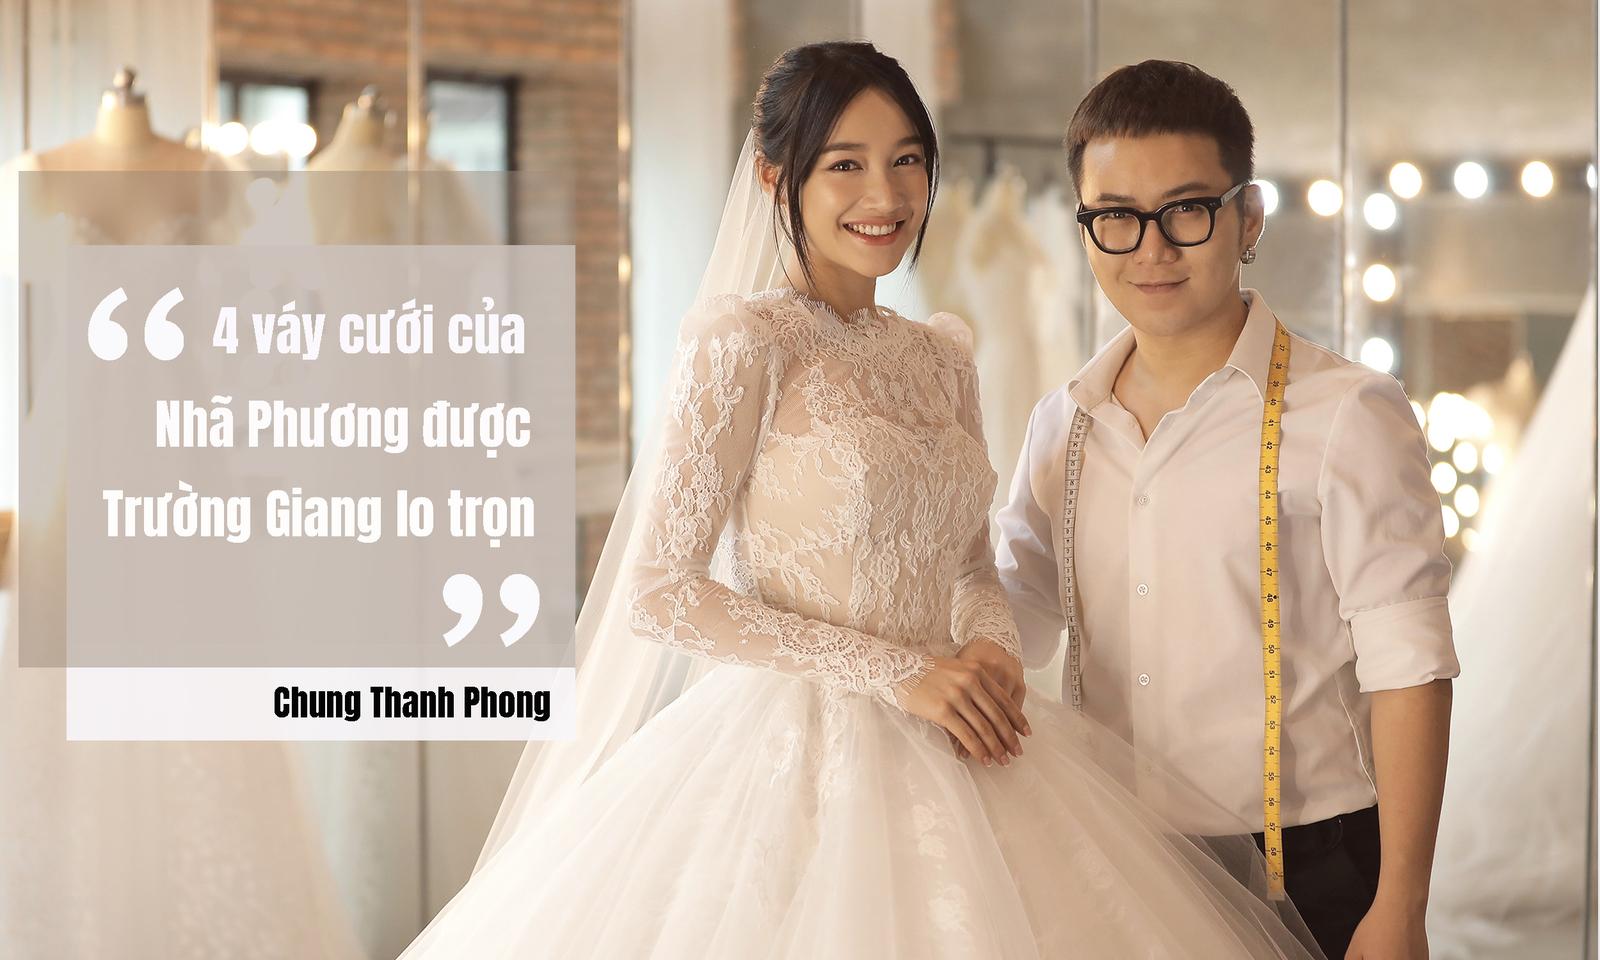 Đã hơn một tuần lễ trôi qua nhưng đám cưới của Trường Giang - Nhã Phương vẫn là đề tài được nhắc đến. Trong đó, hình ảnh cô dâu chú rể xuất ...